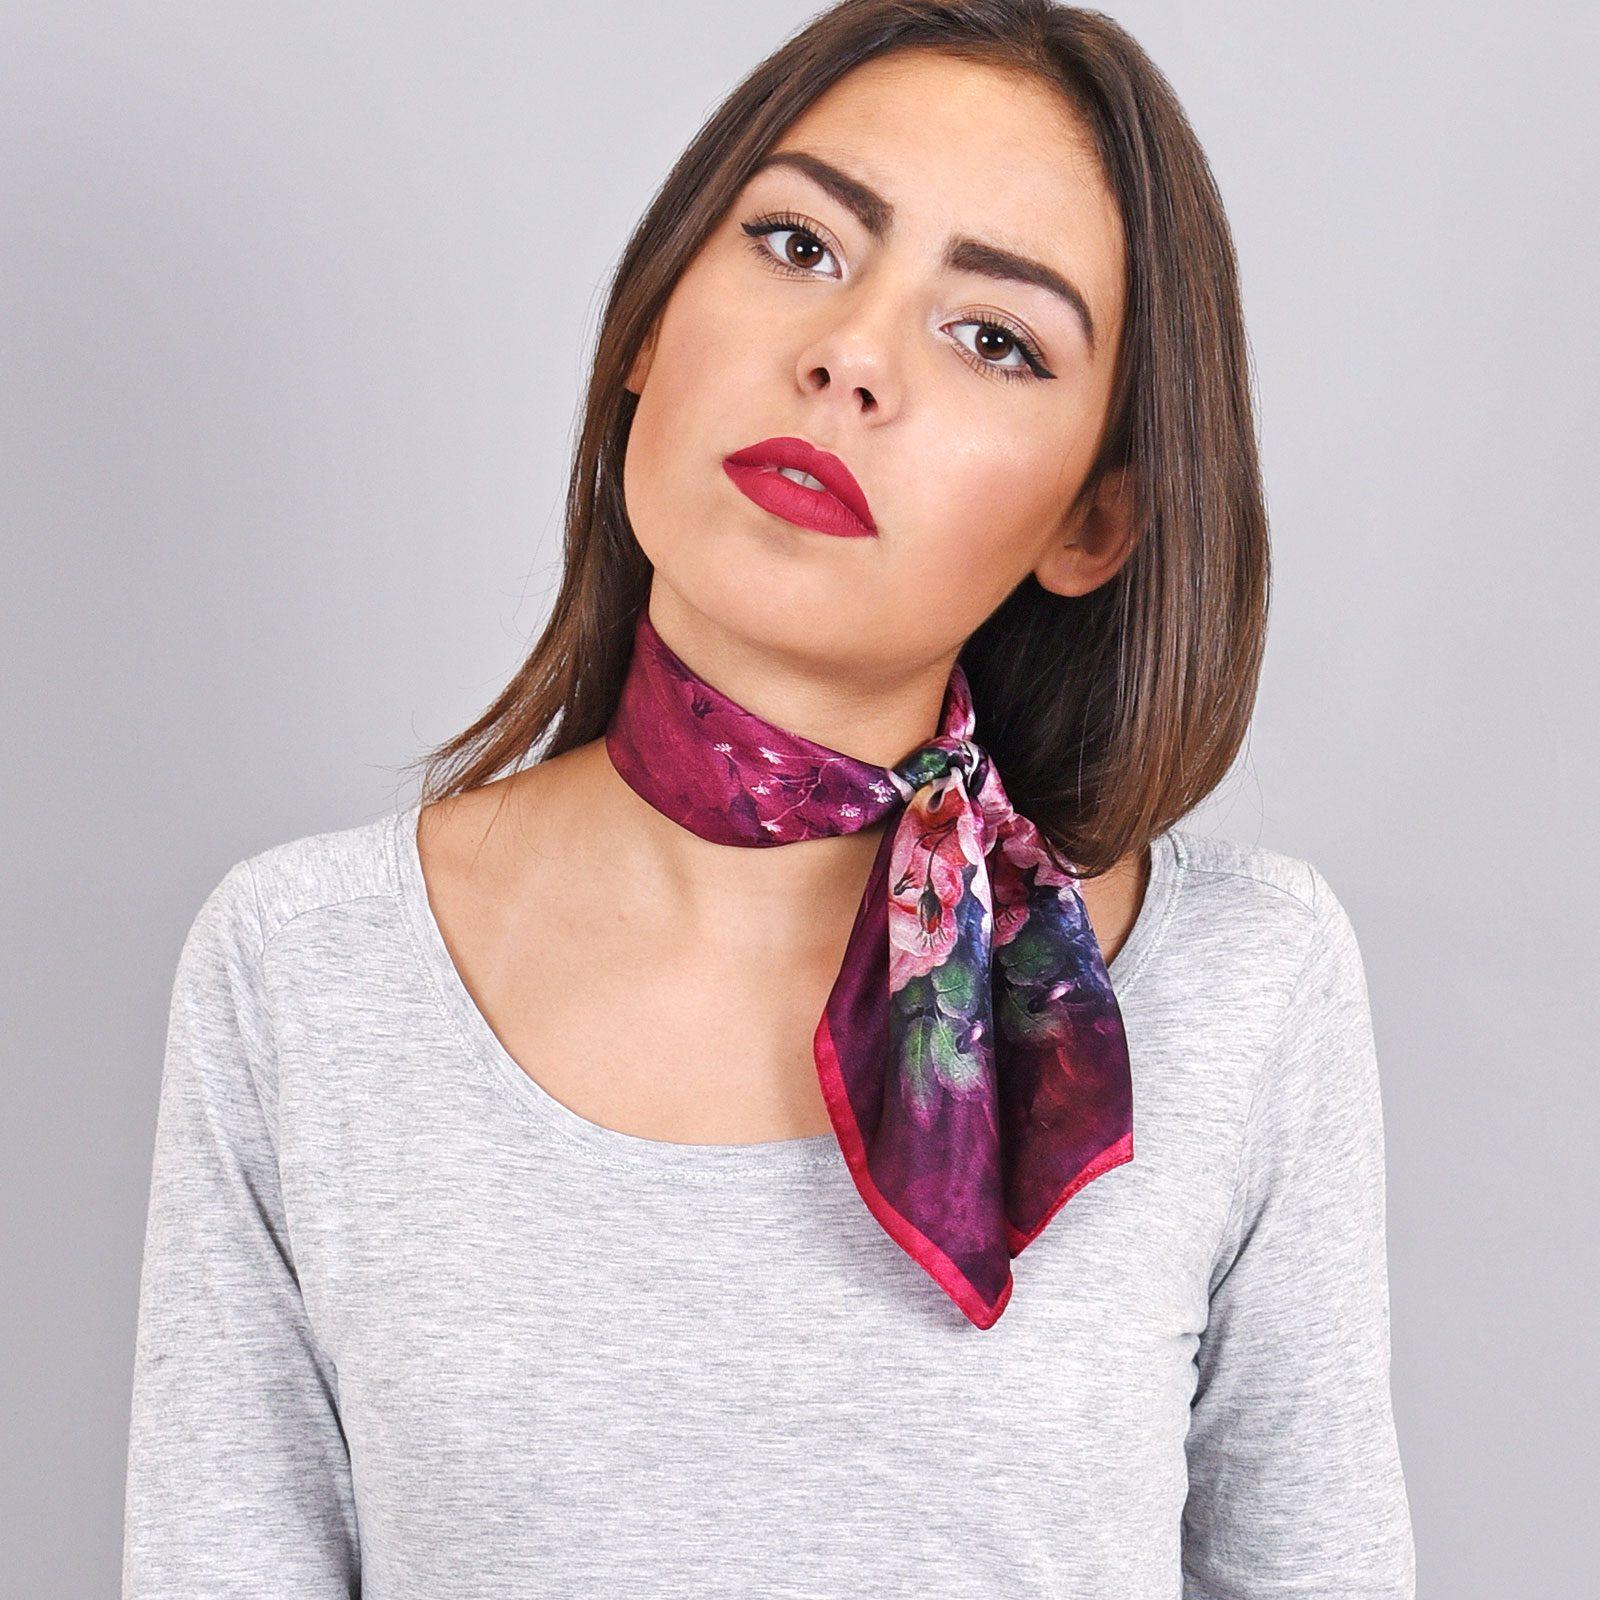 http://lookbook.allee-du-foulard.fr/wp-content/uploads/2018/11/AT-04082-VF16-carre-de-soie-femme-floral-1600x1600.jpg